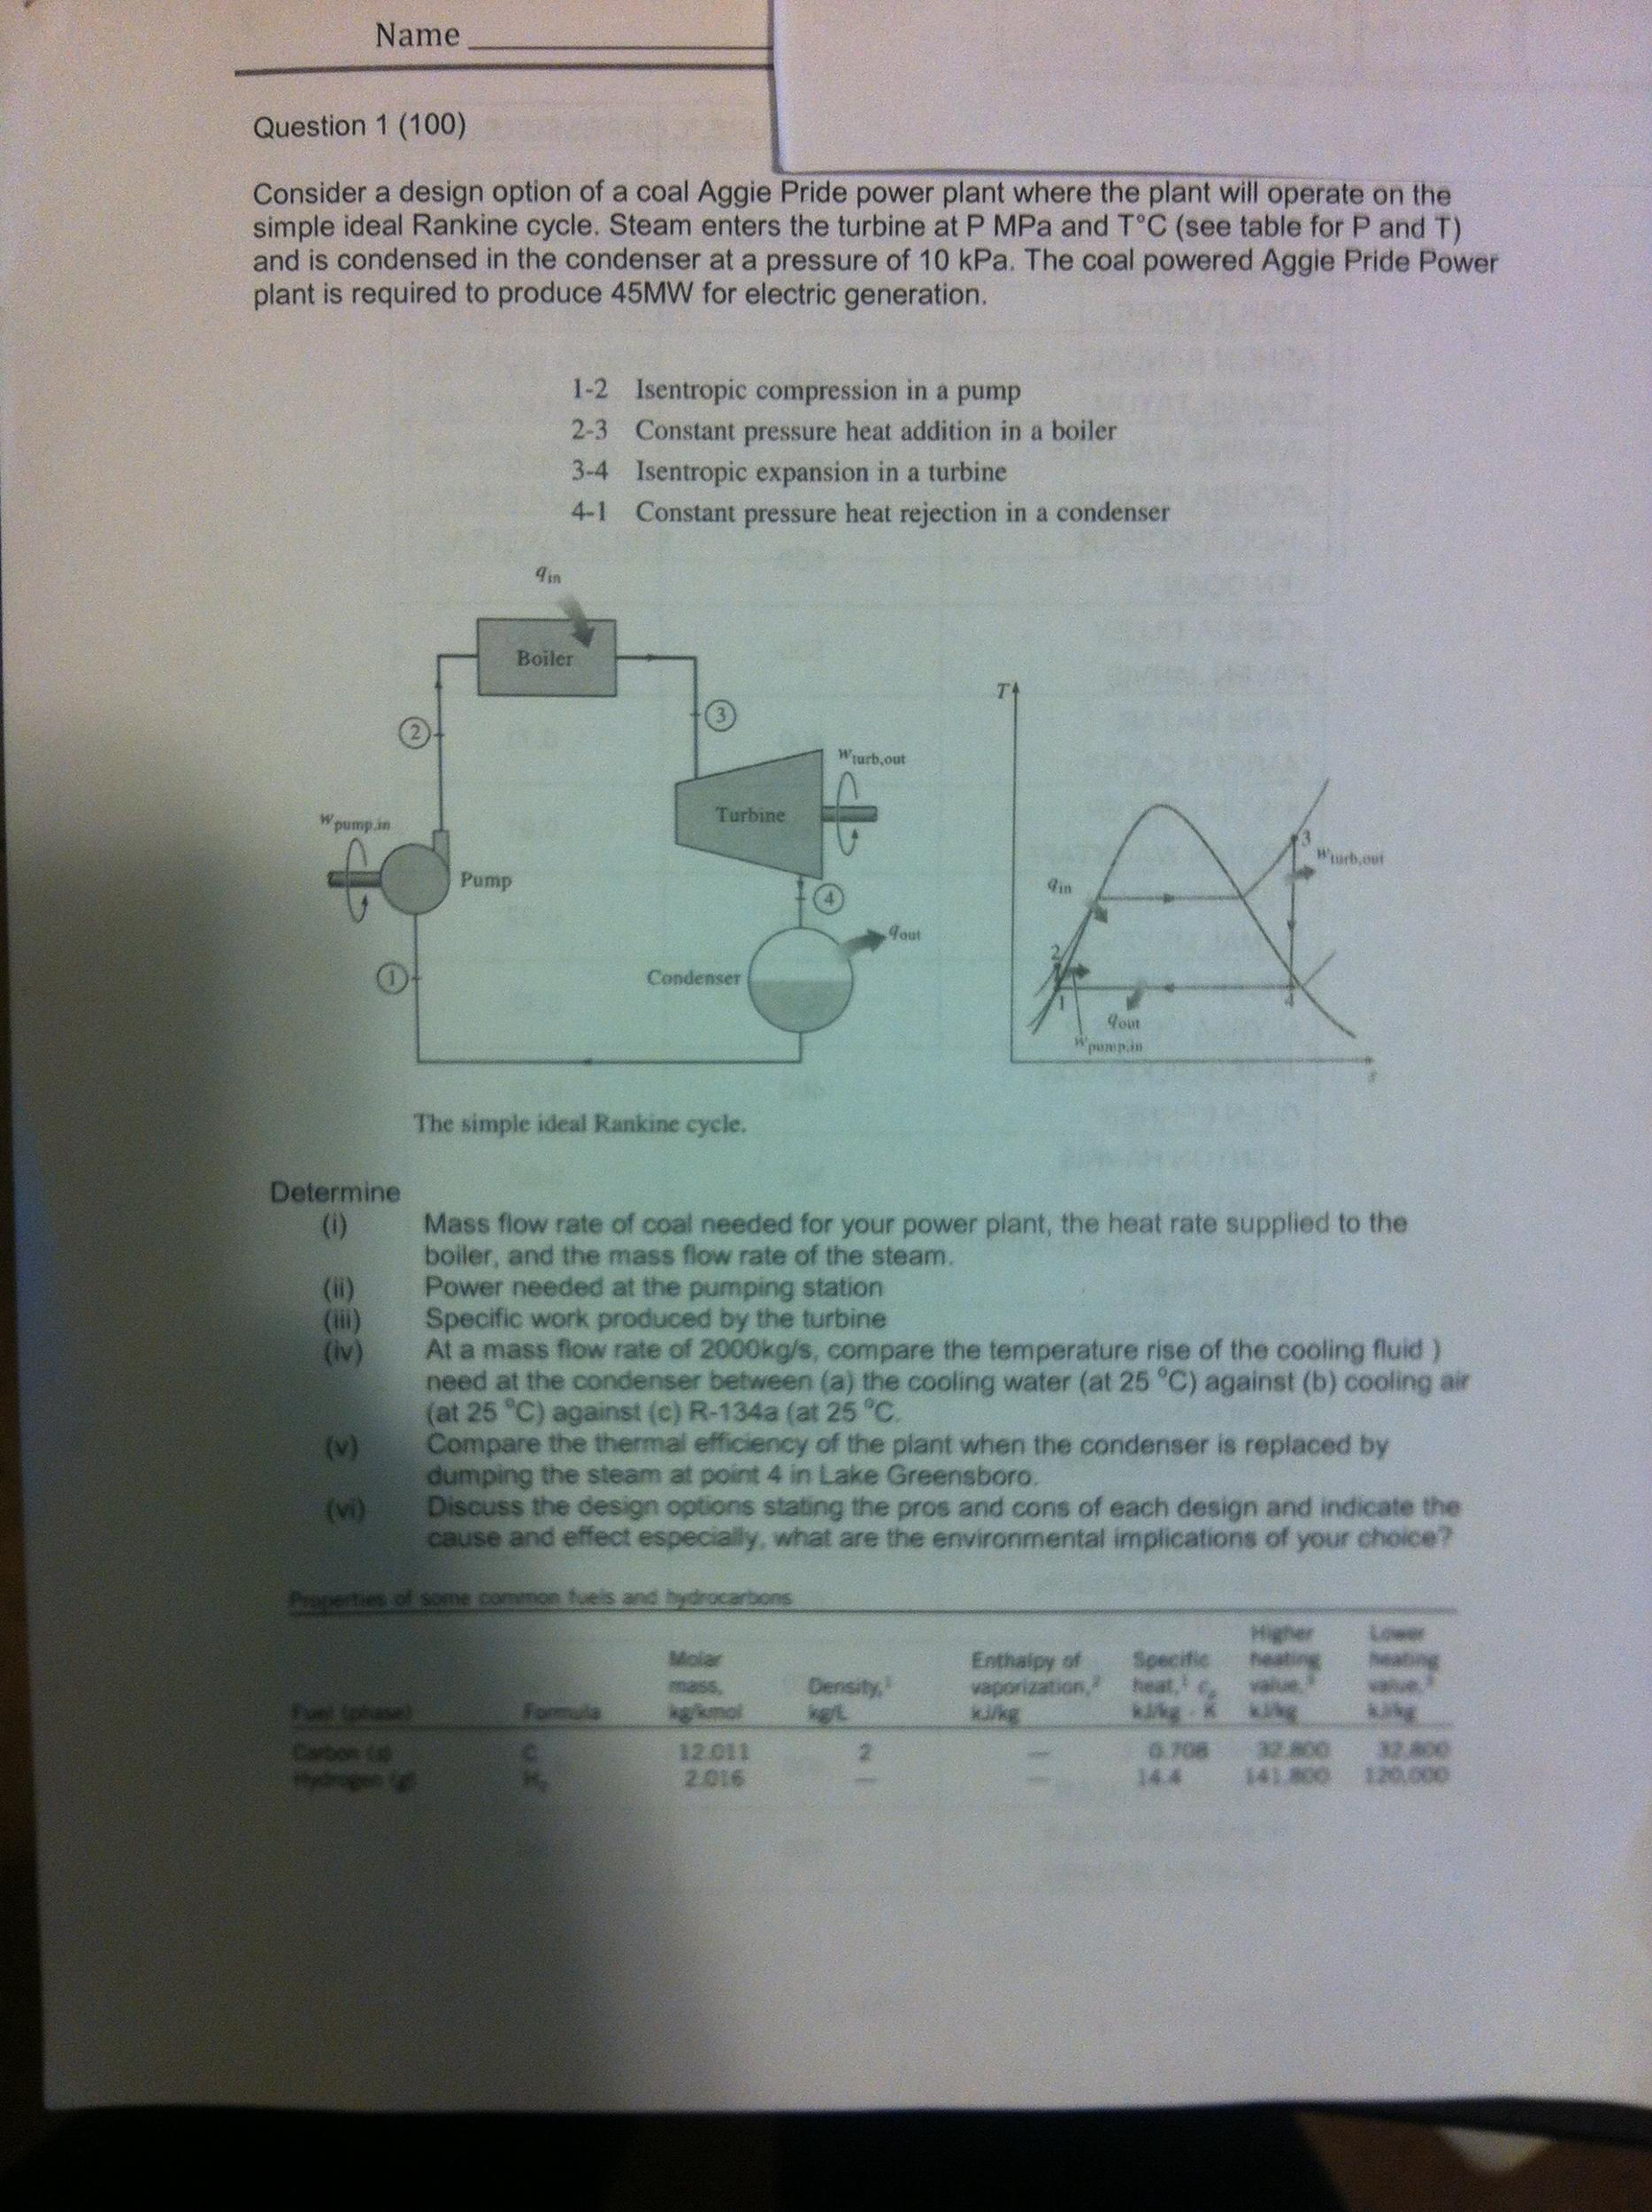 Question 1 (100) Consider A Design Option Of A Coa...   Chegg.com